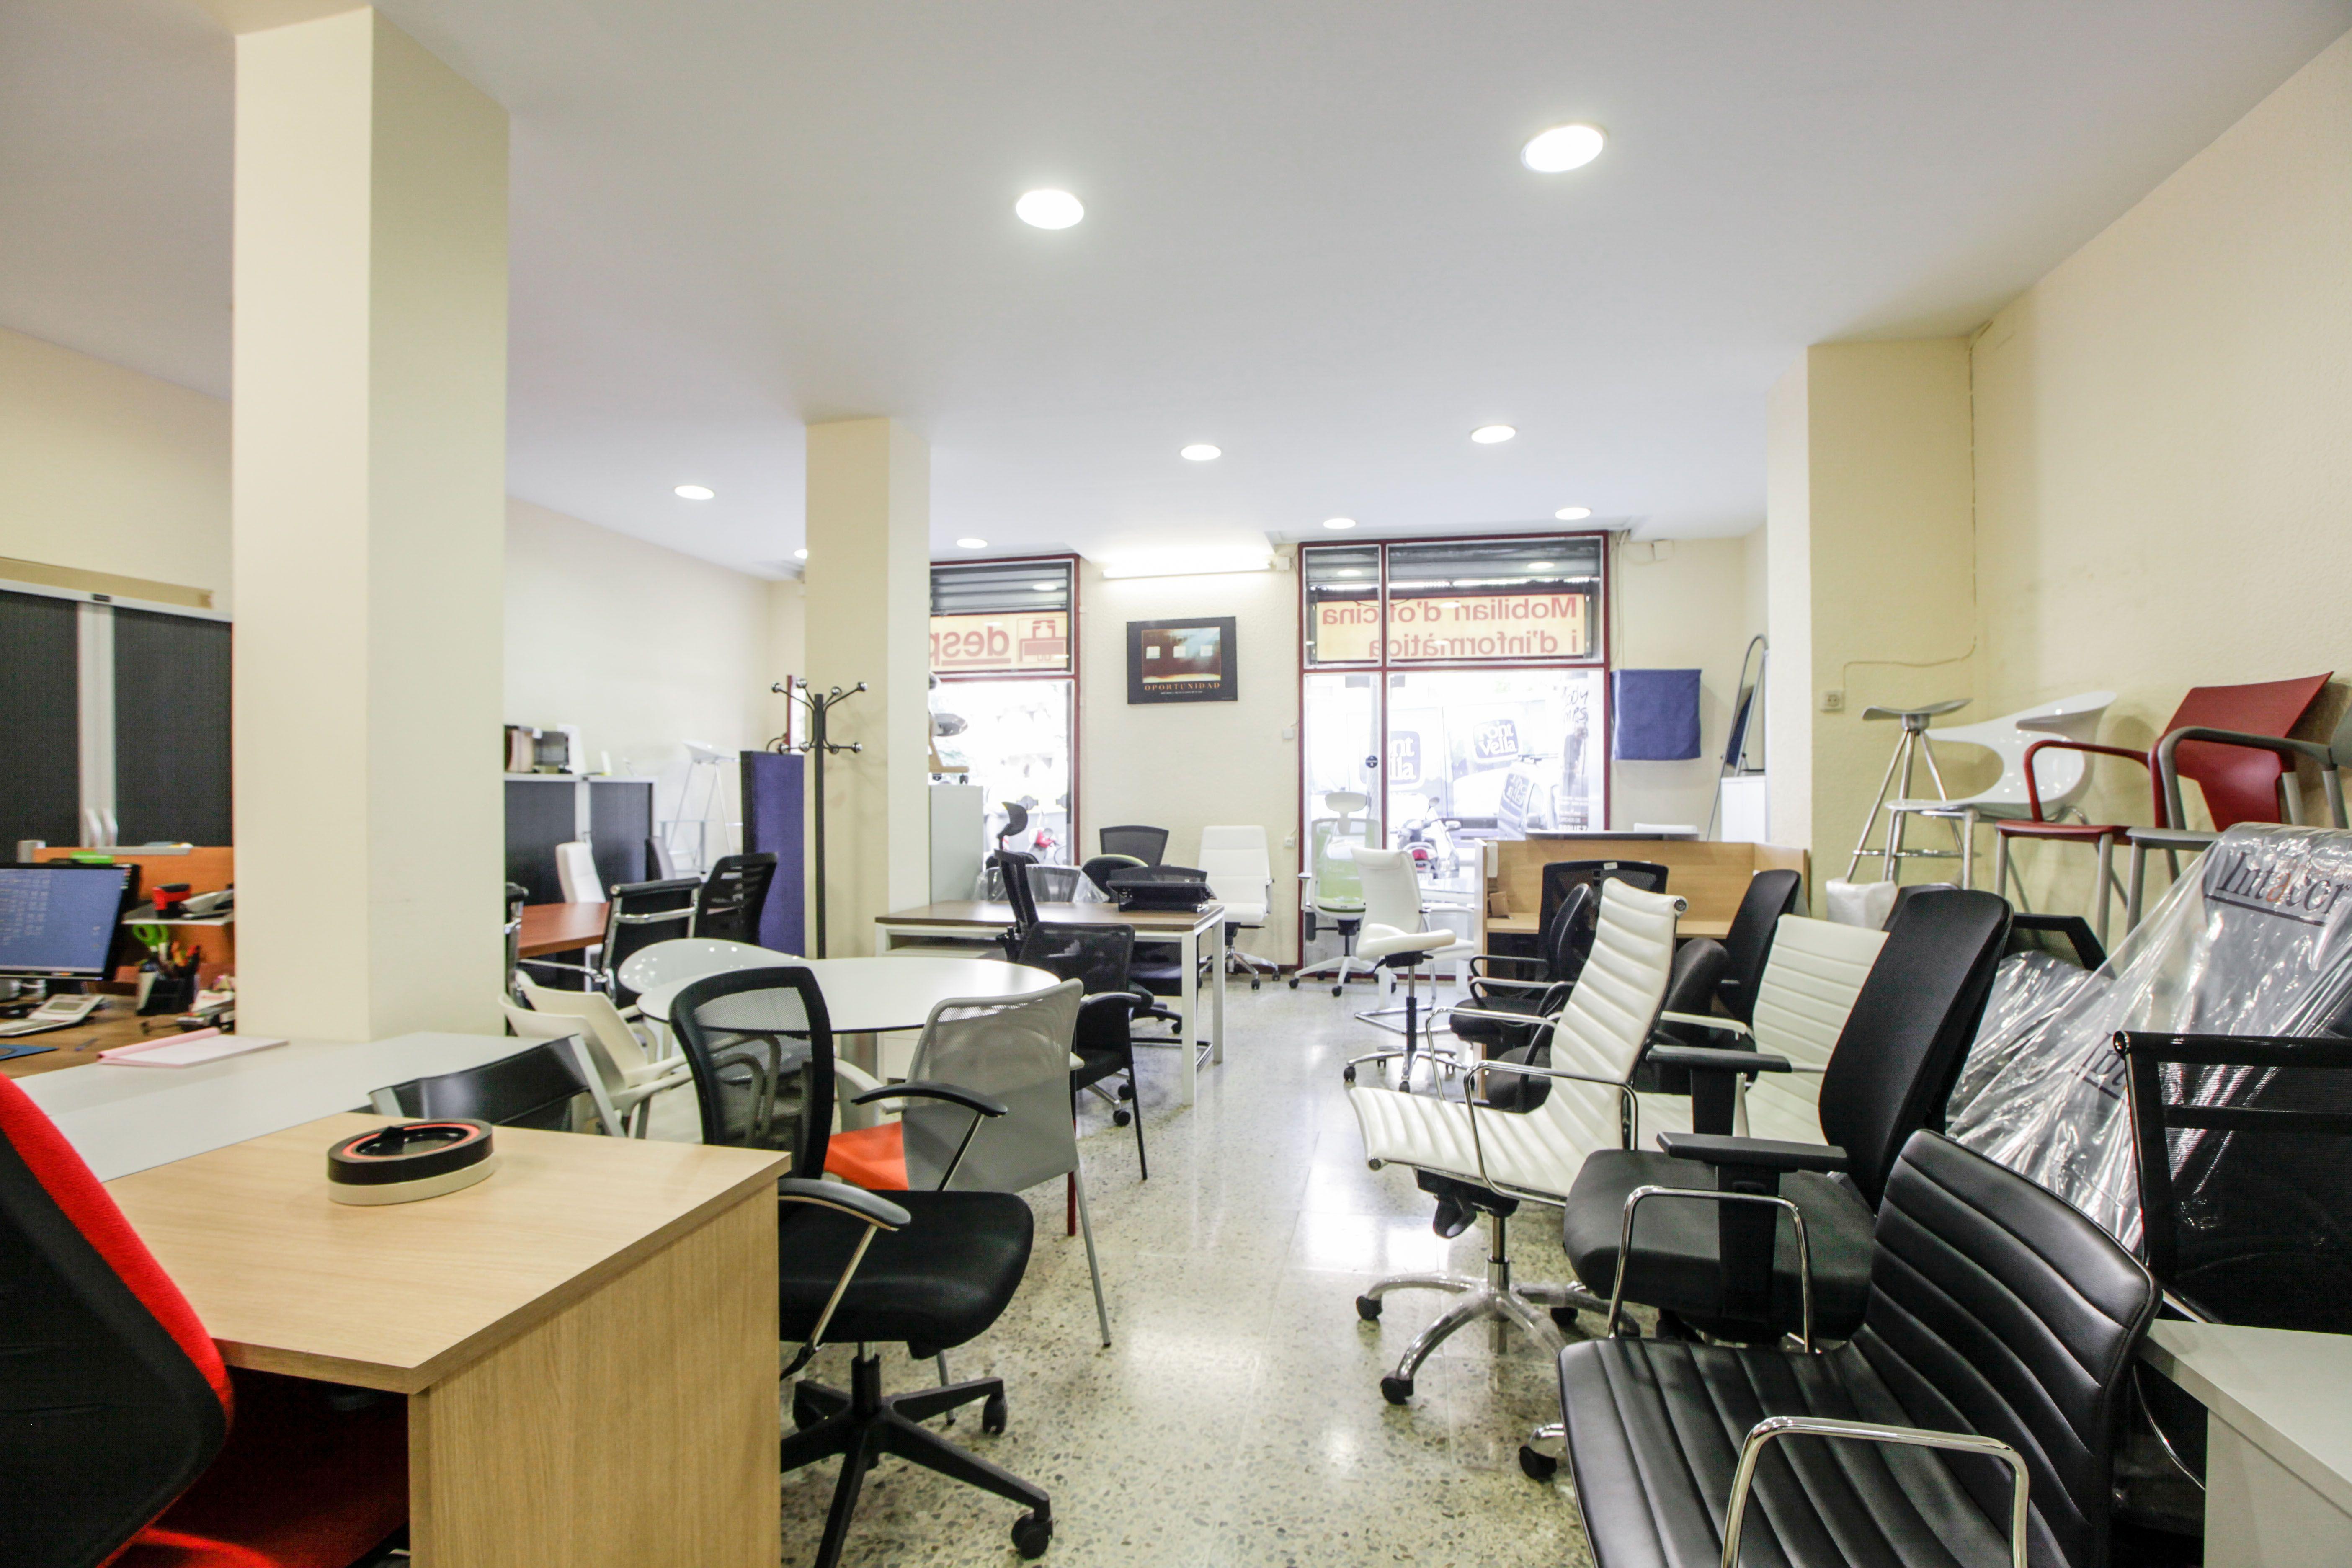 Foto 3 de Mobiliario de oficina en barcelona | Despatx